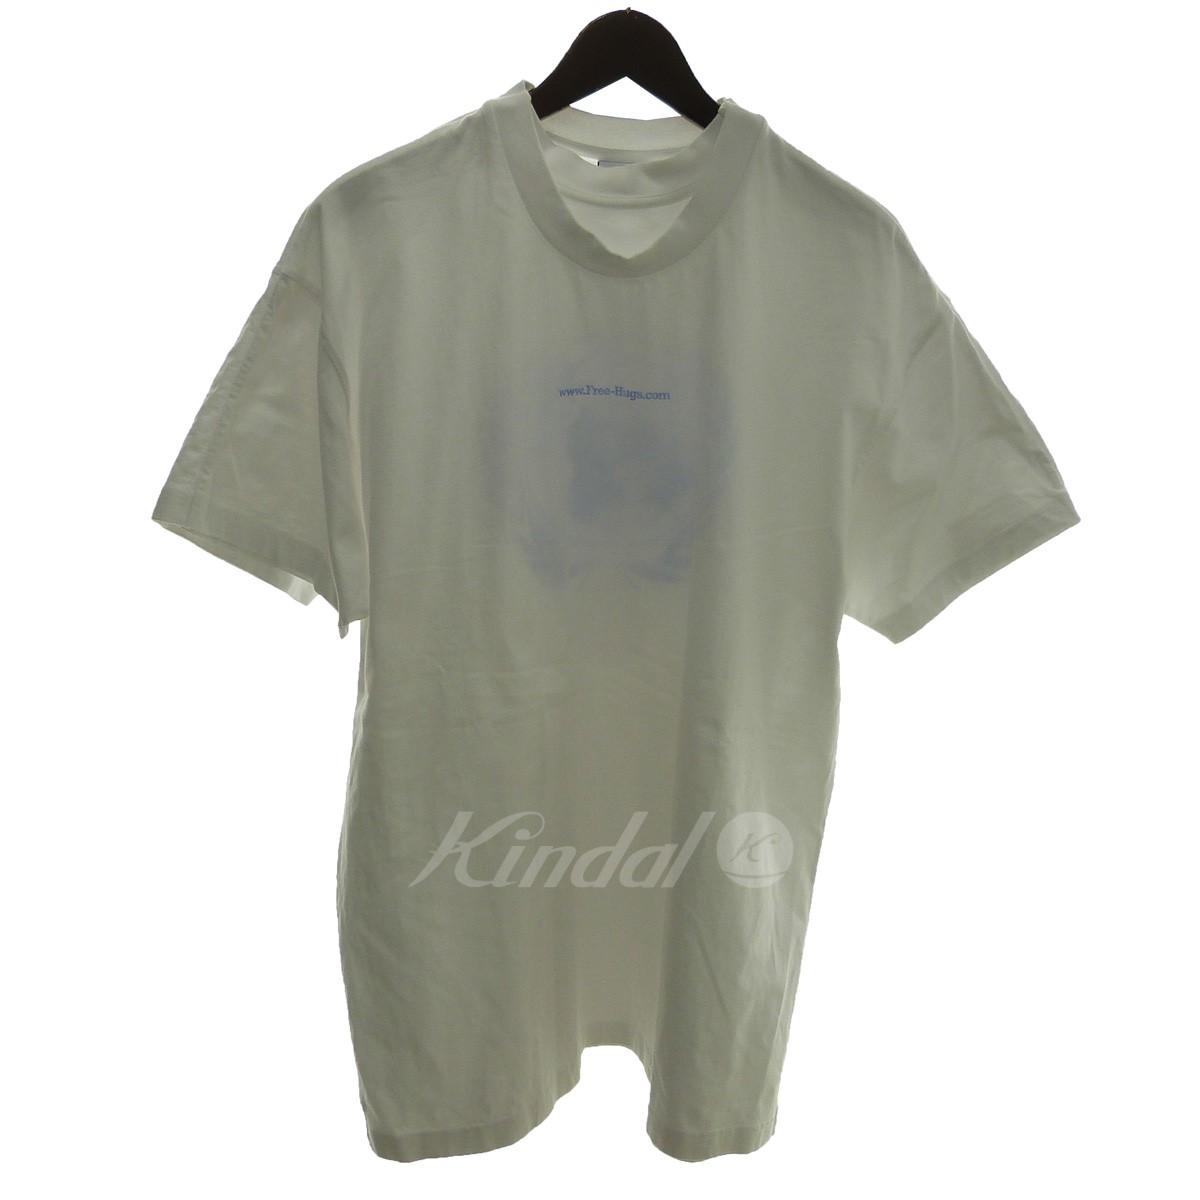 【中古】VETEMENTS 「Free Hugs Proverb Print Layered T-shirt」フリーハグTシャツ 【送料無料】 【116818】 【KIND1641】